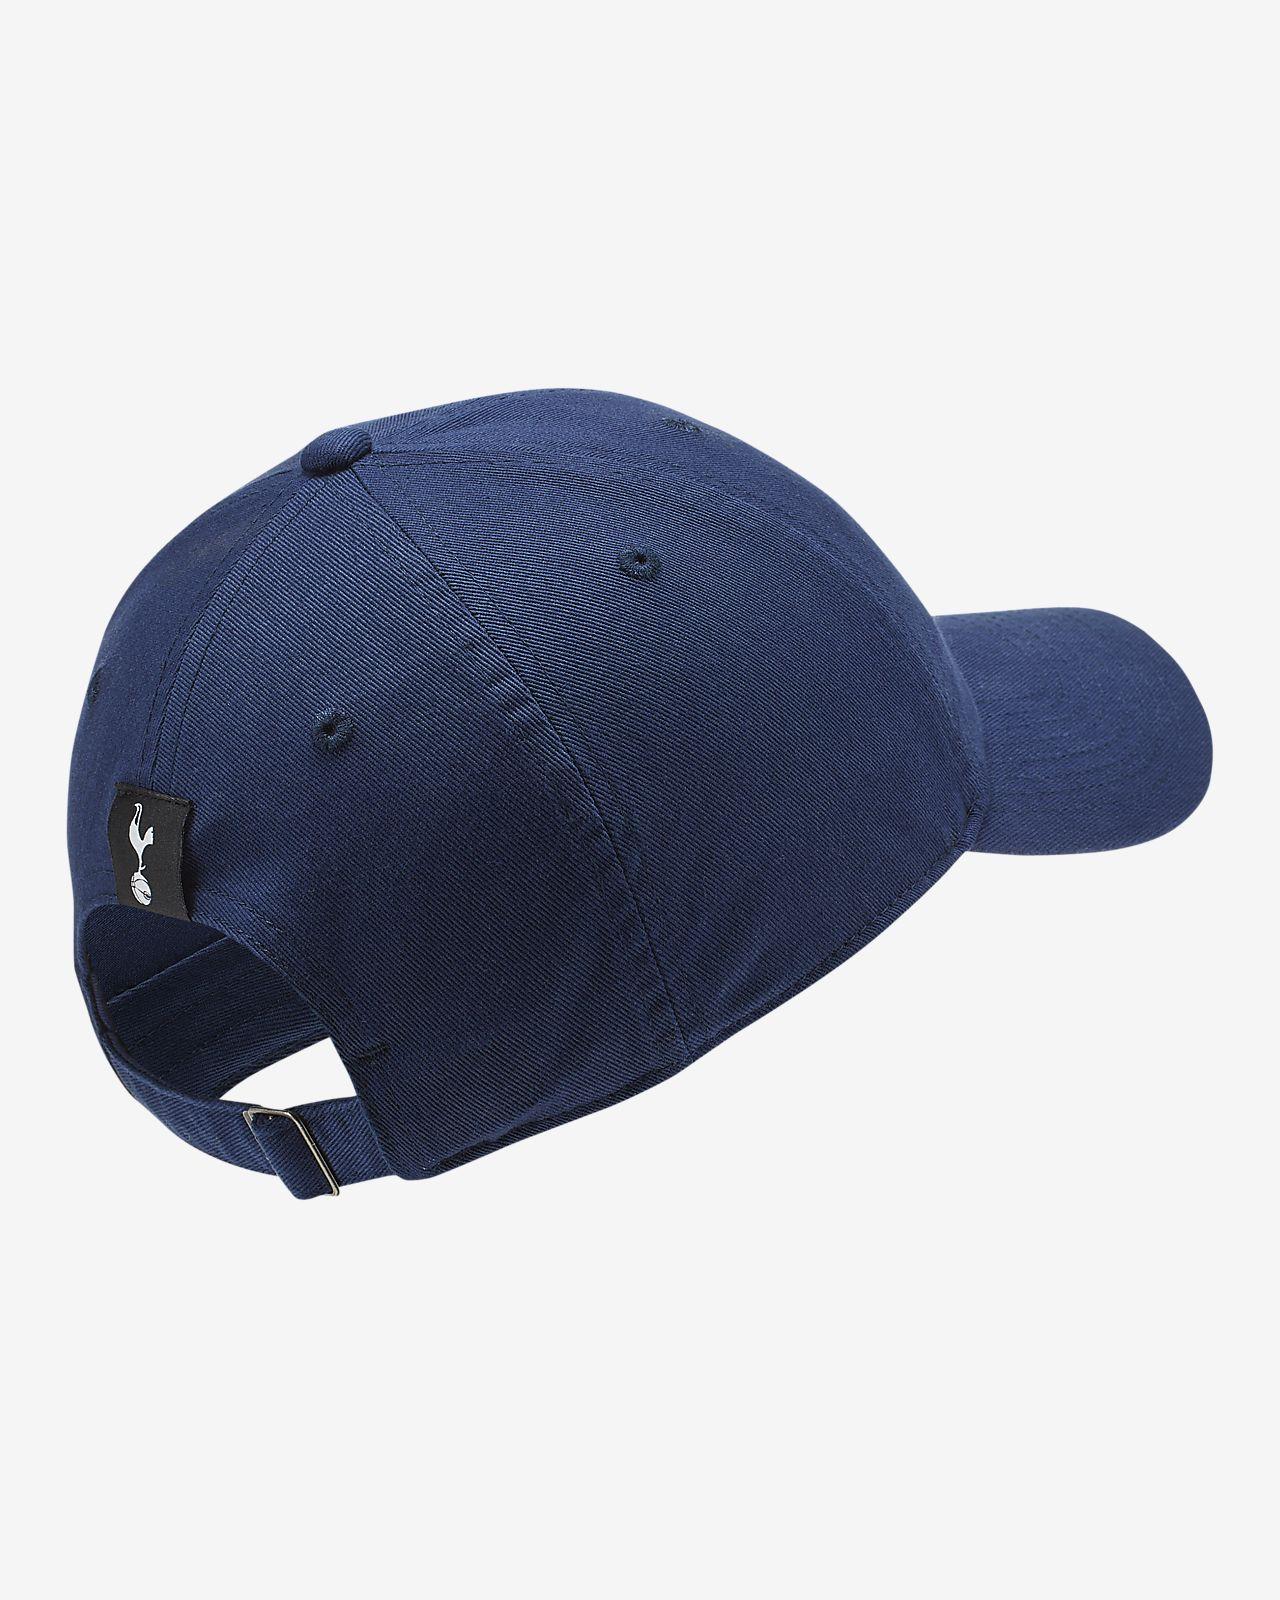 Tottenham Hotspur Heritage86 Adjustable Hat Nike Be